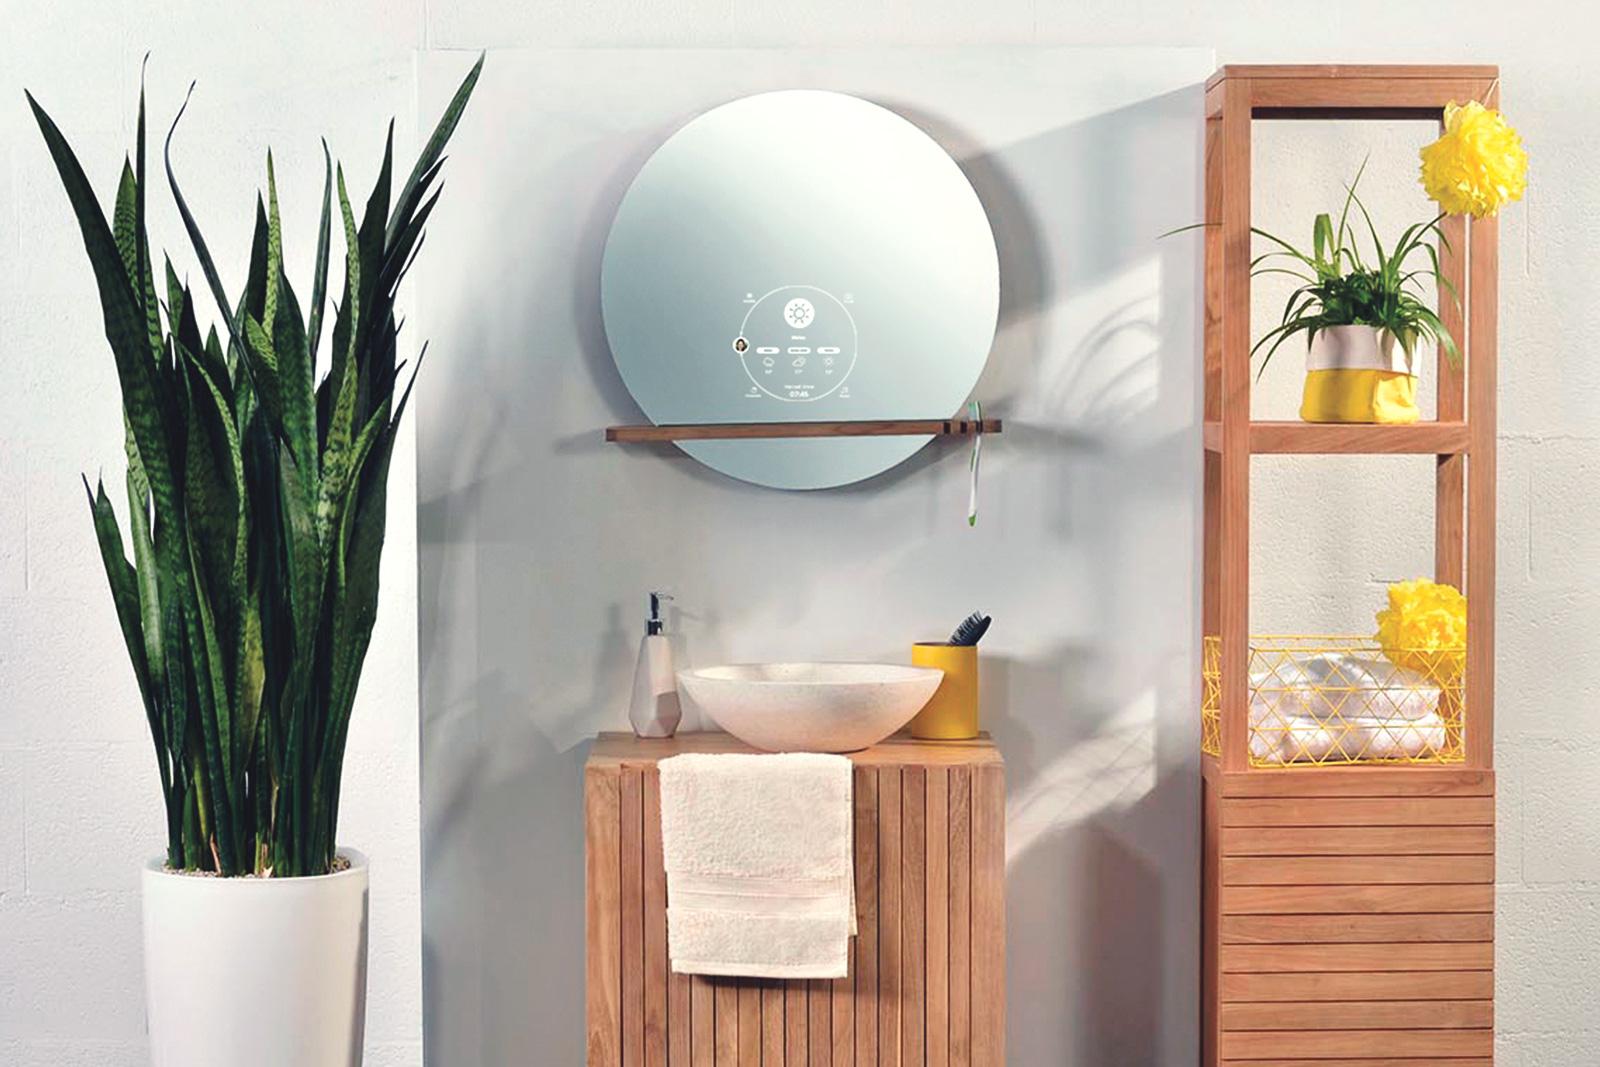 Miroir connecté Ekko par Miliboo